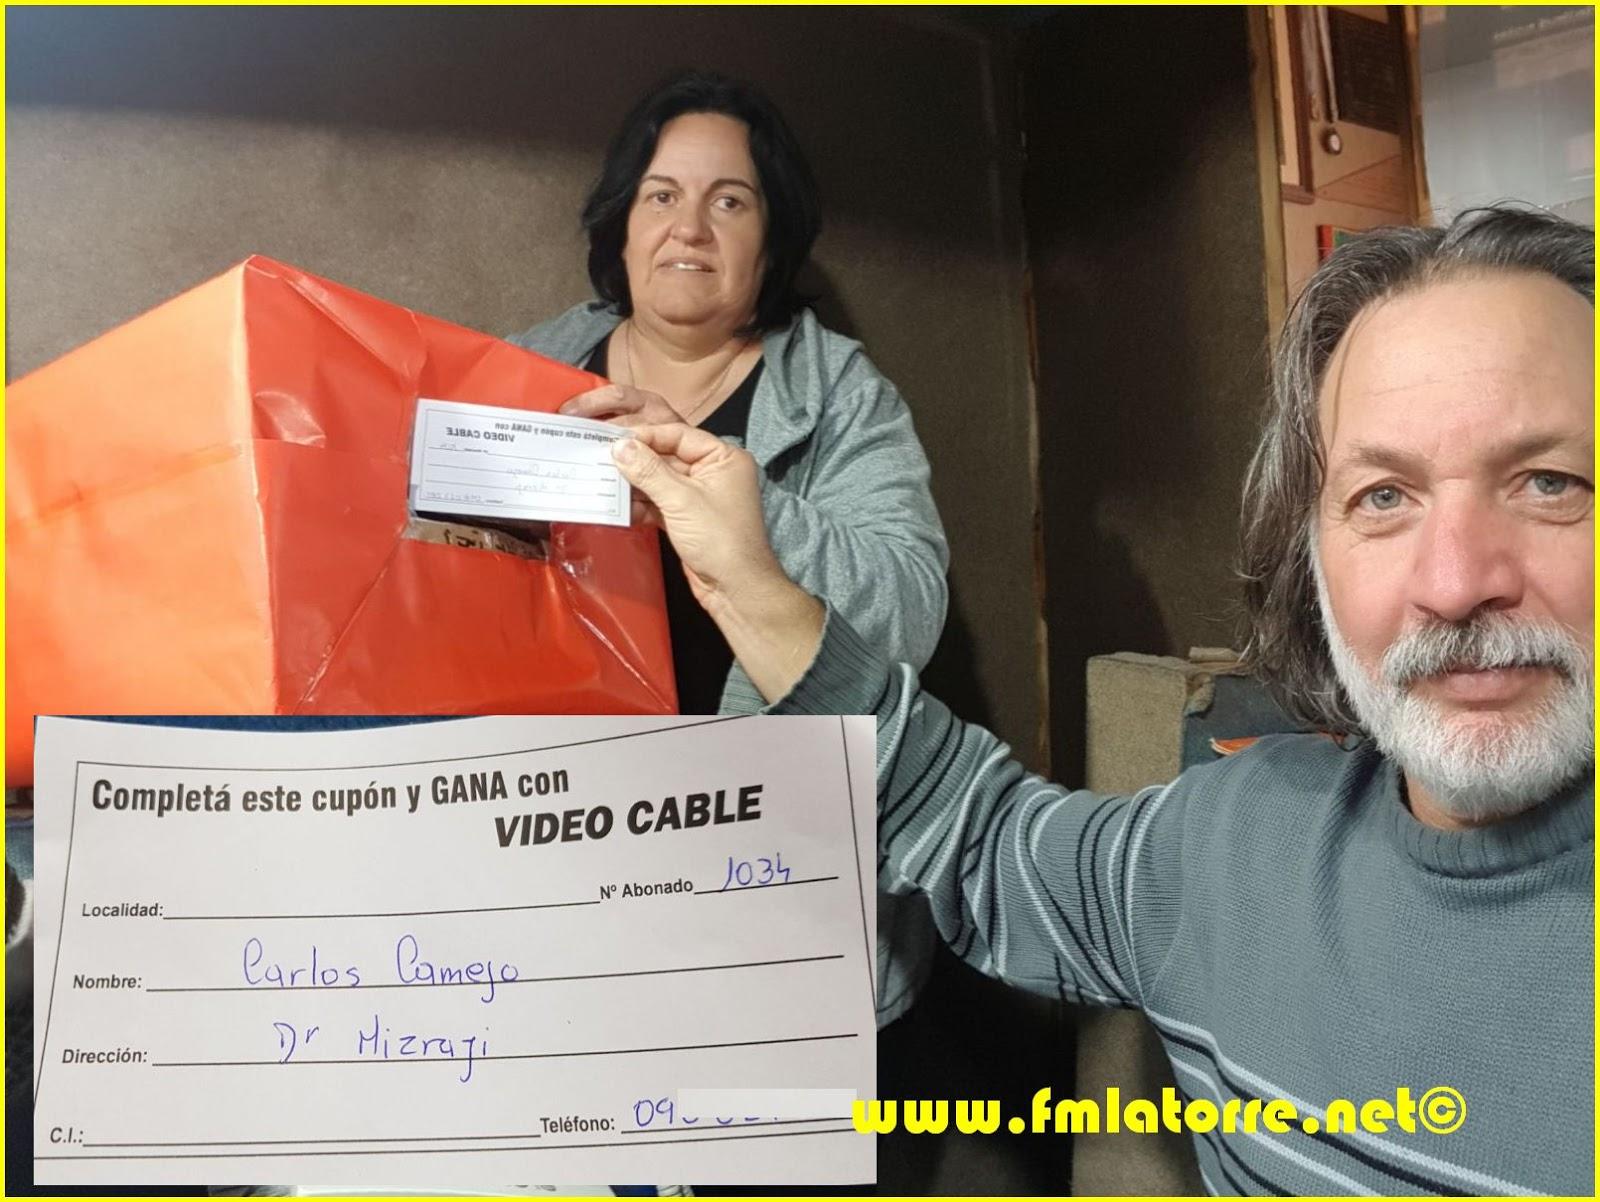 Noticias: VIDEO CABLE FRAY MARCOS DIGITAL SIGUE PREMIANDO A SUS ABONADOS